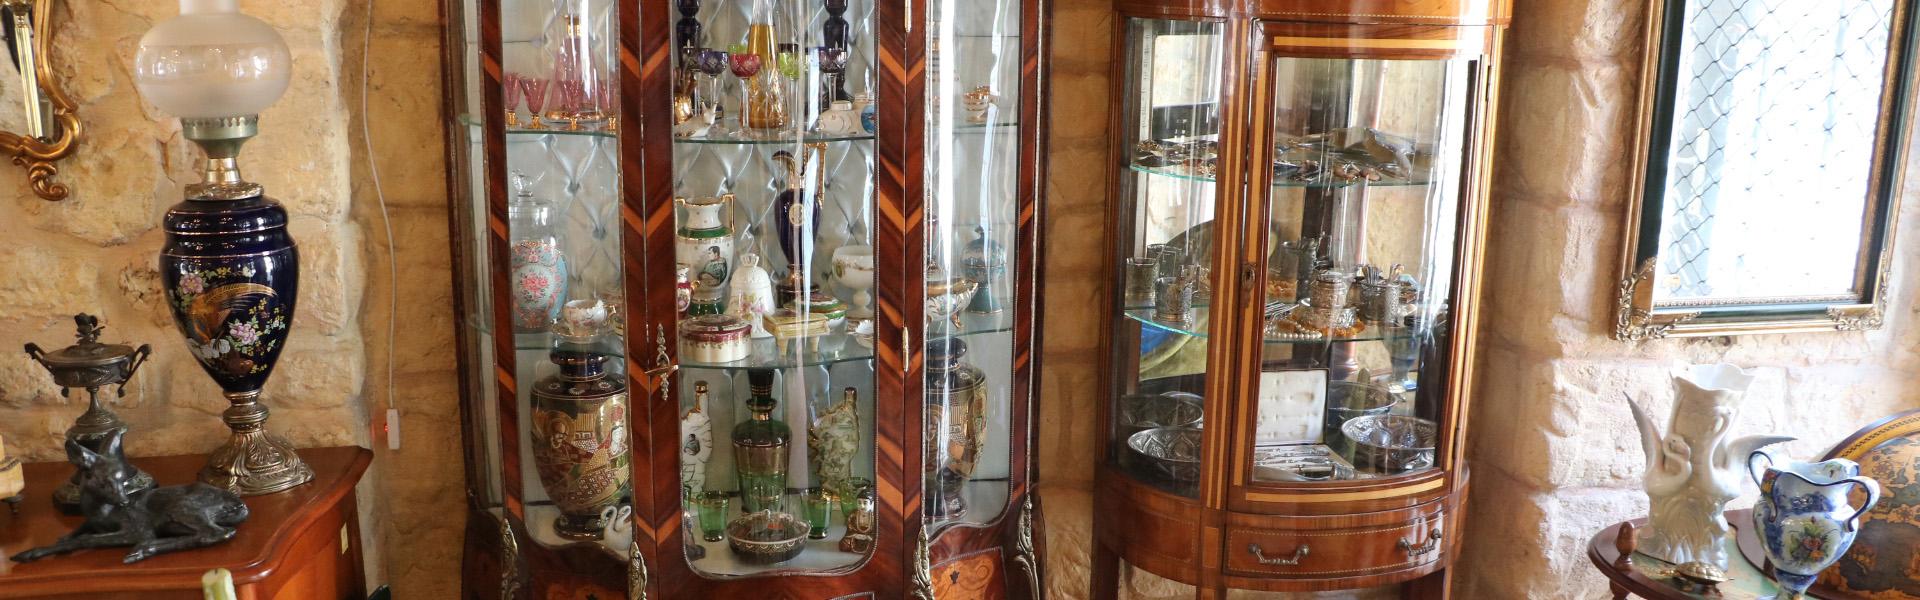 Антики в антикварен магазин Варна